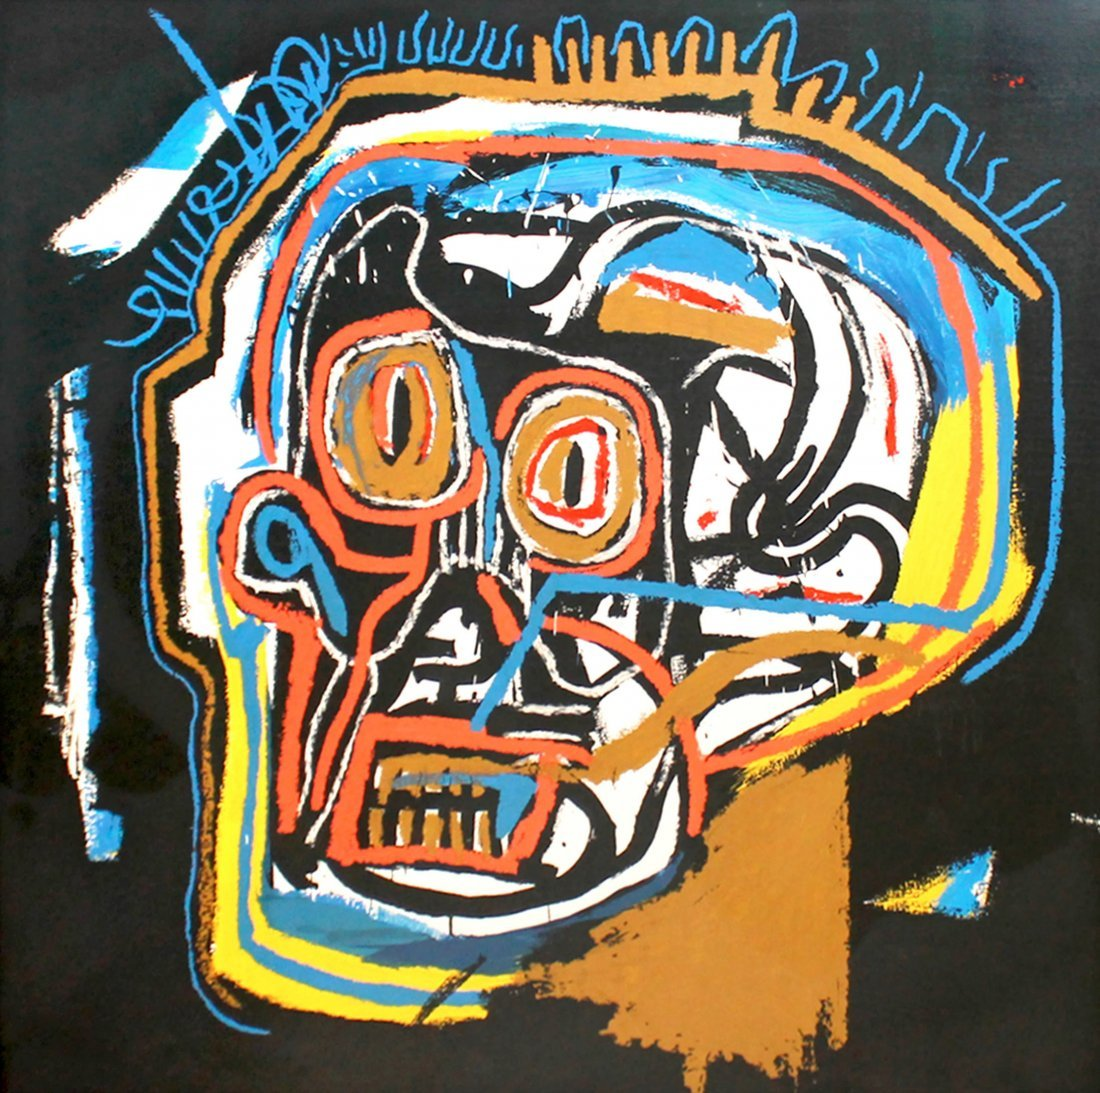 Untitled Head by Jean-Michel Basquiat: Screenprint 2001